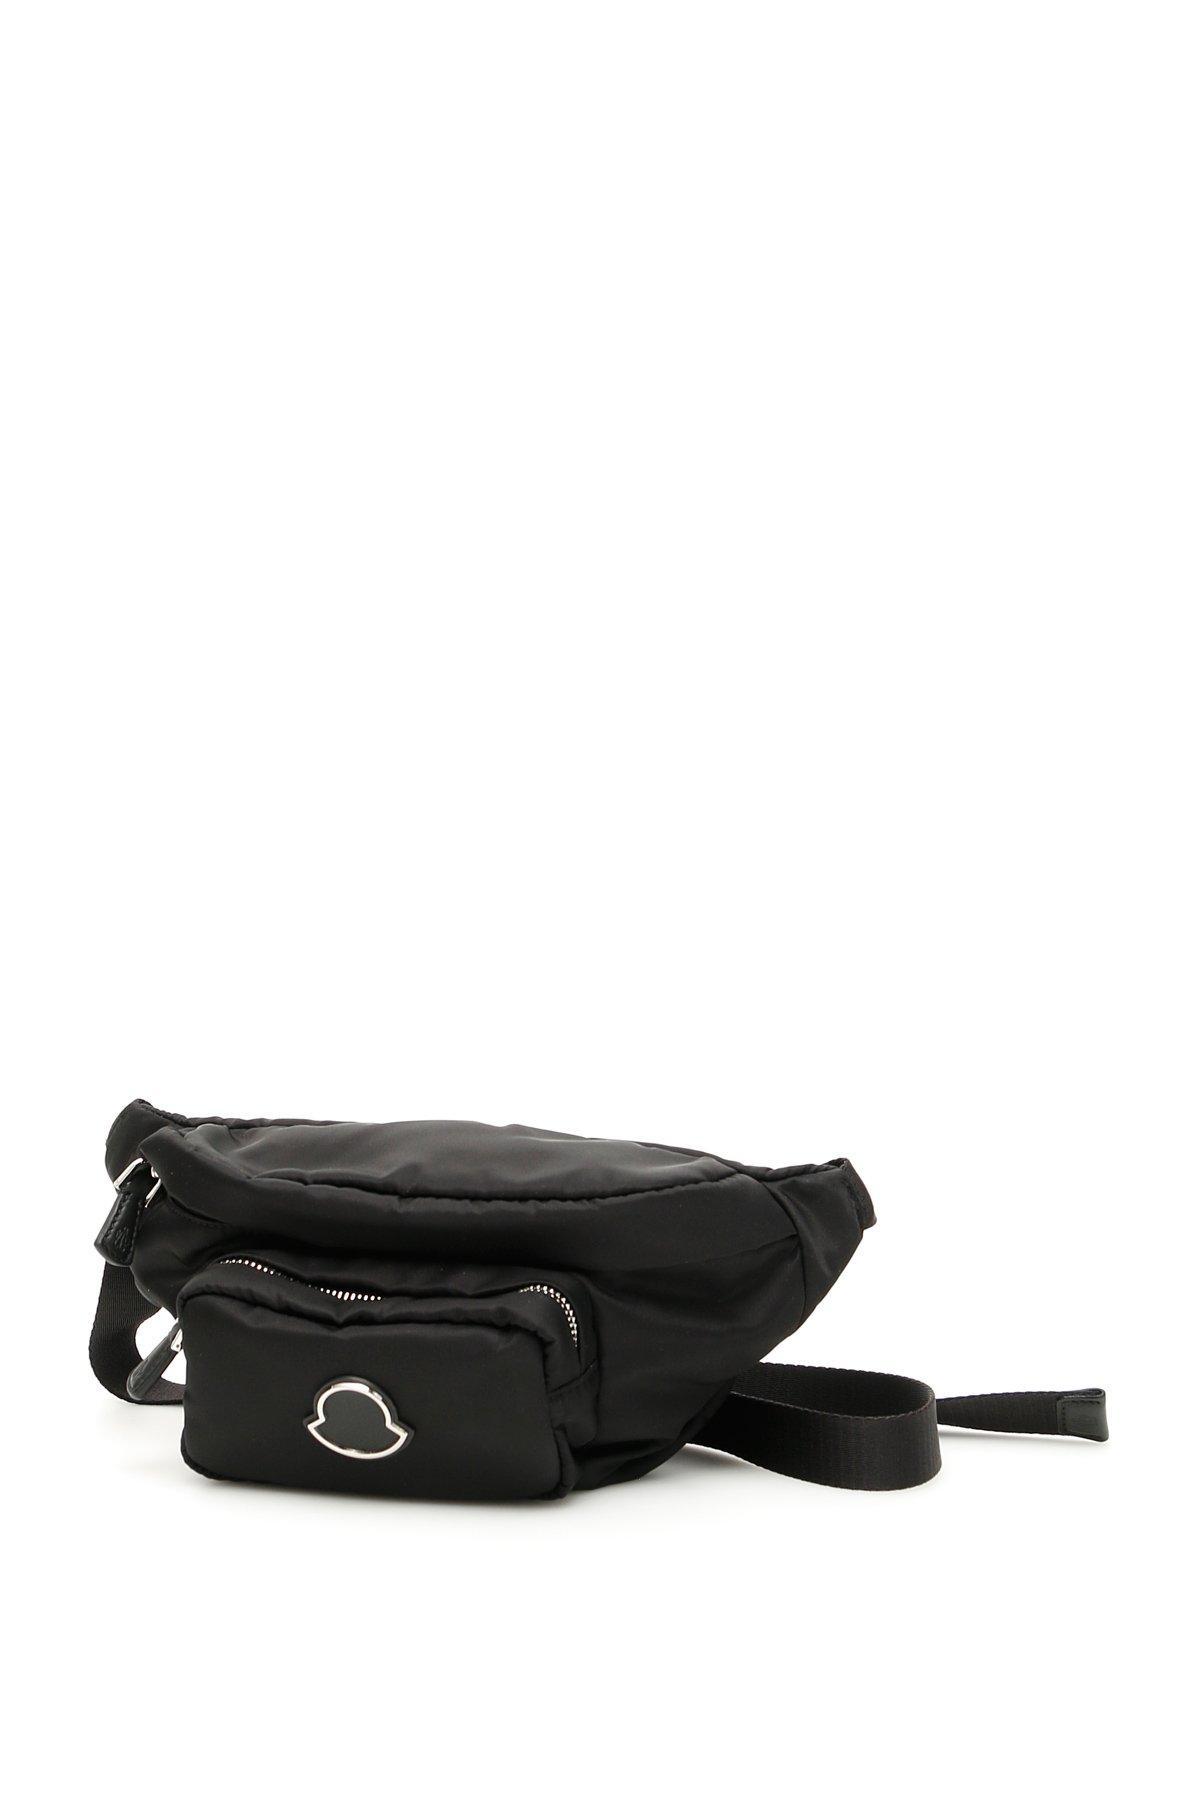 Moncler Basic Belt Bag in Black - Lyst fb3925556bc3d